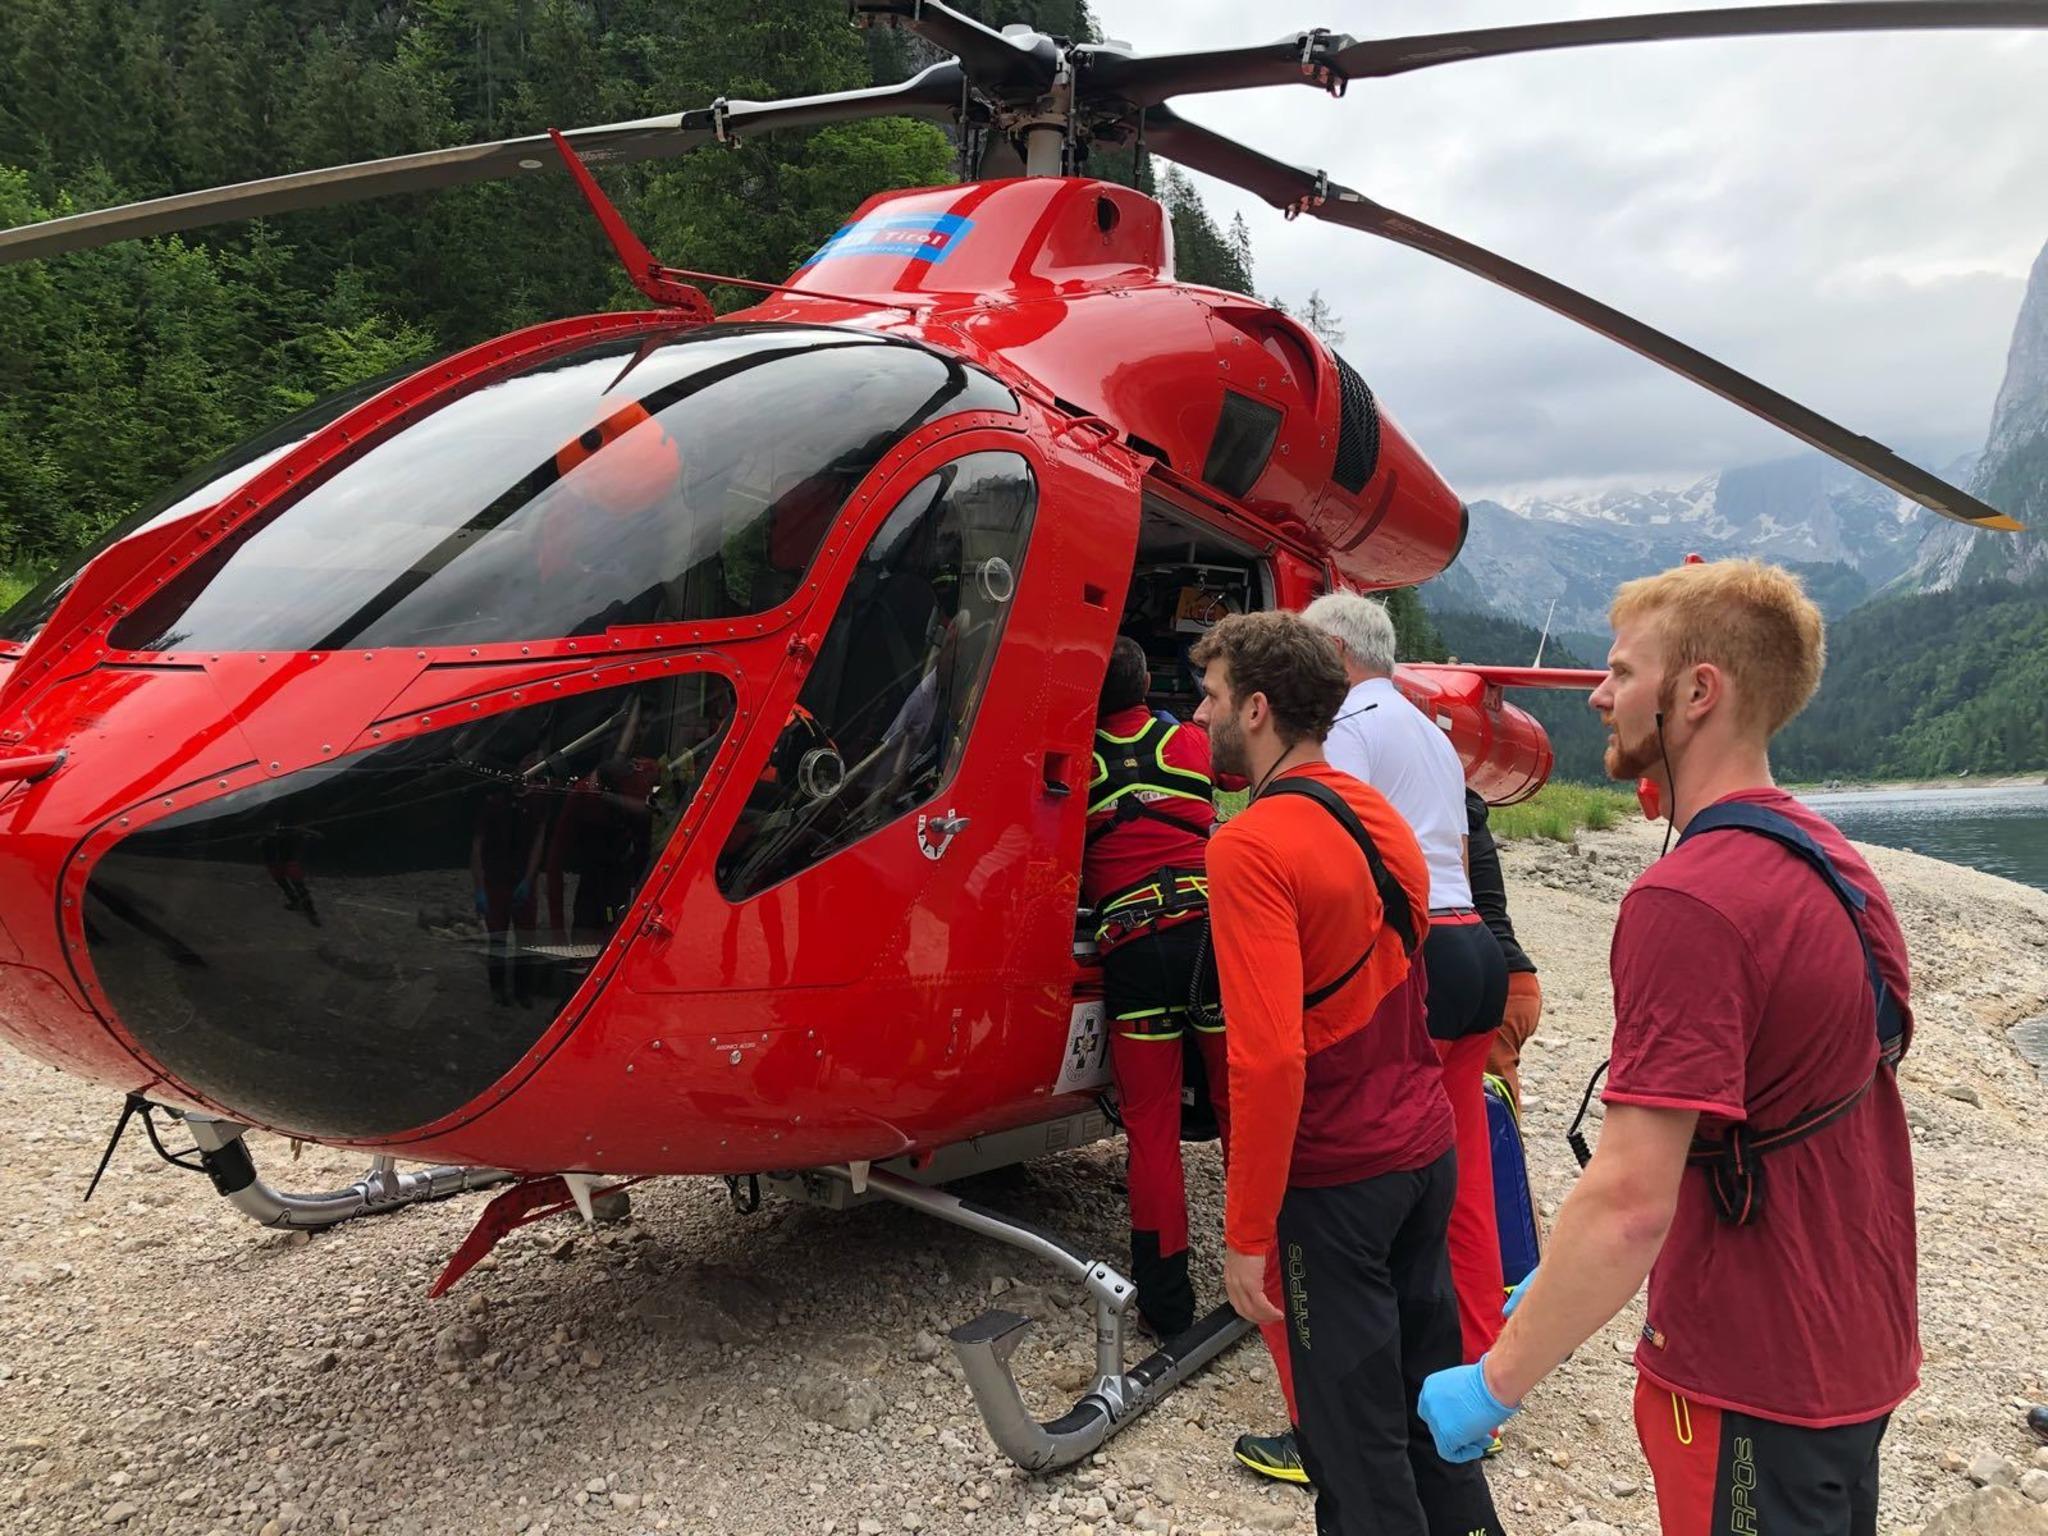 Laserer Alpin Klettersteig : Bergretter beim laserer alpin klettersteig im einsatz salzkammergut